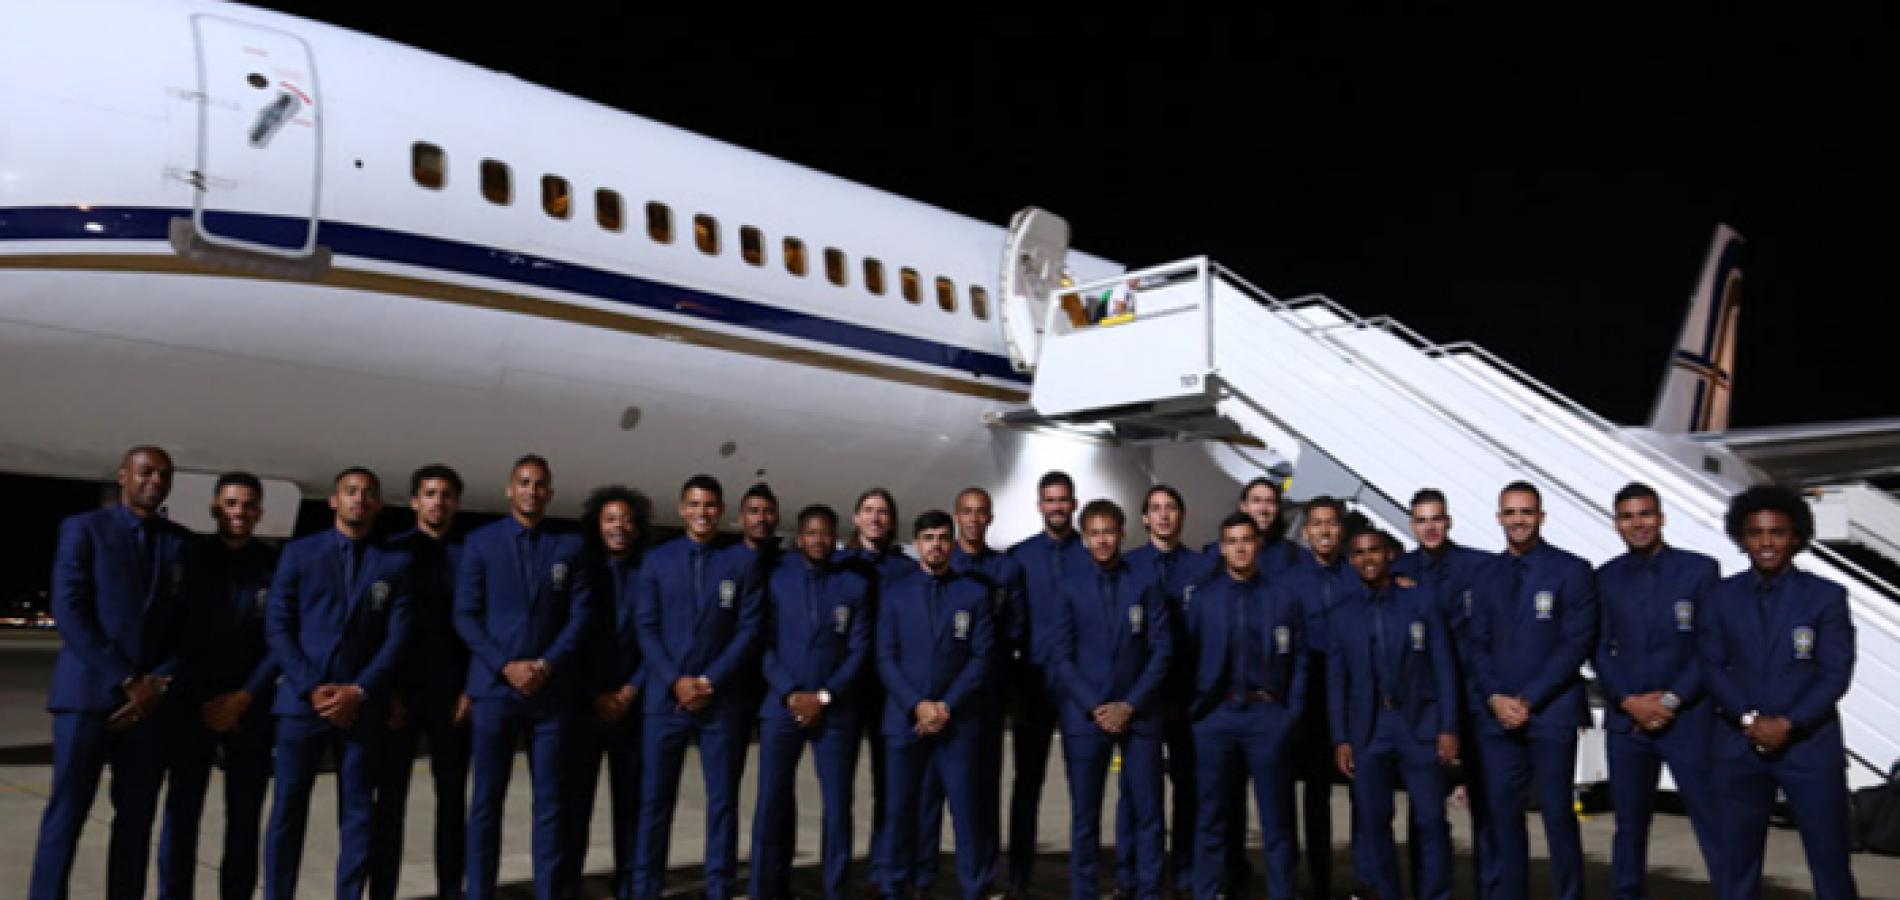 Seleção brasileira chega a Sochi para disputar a Copa do Mundo